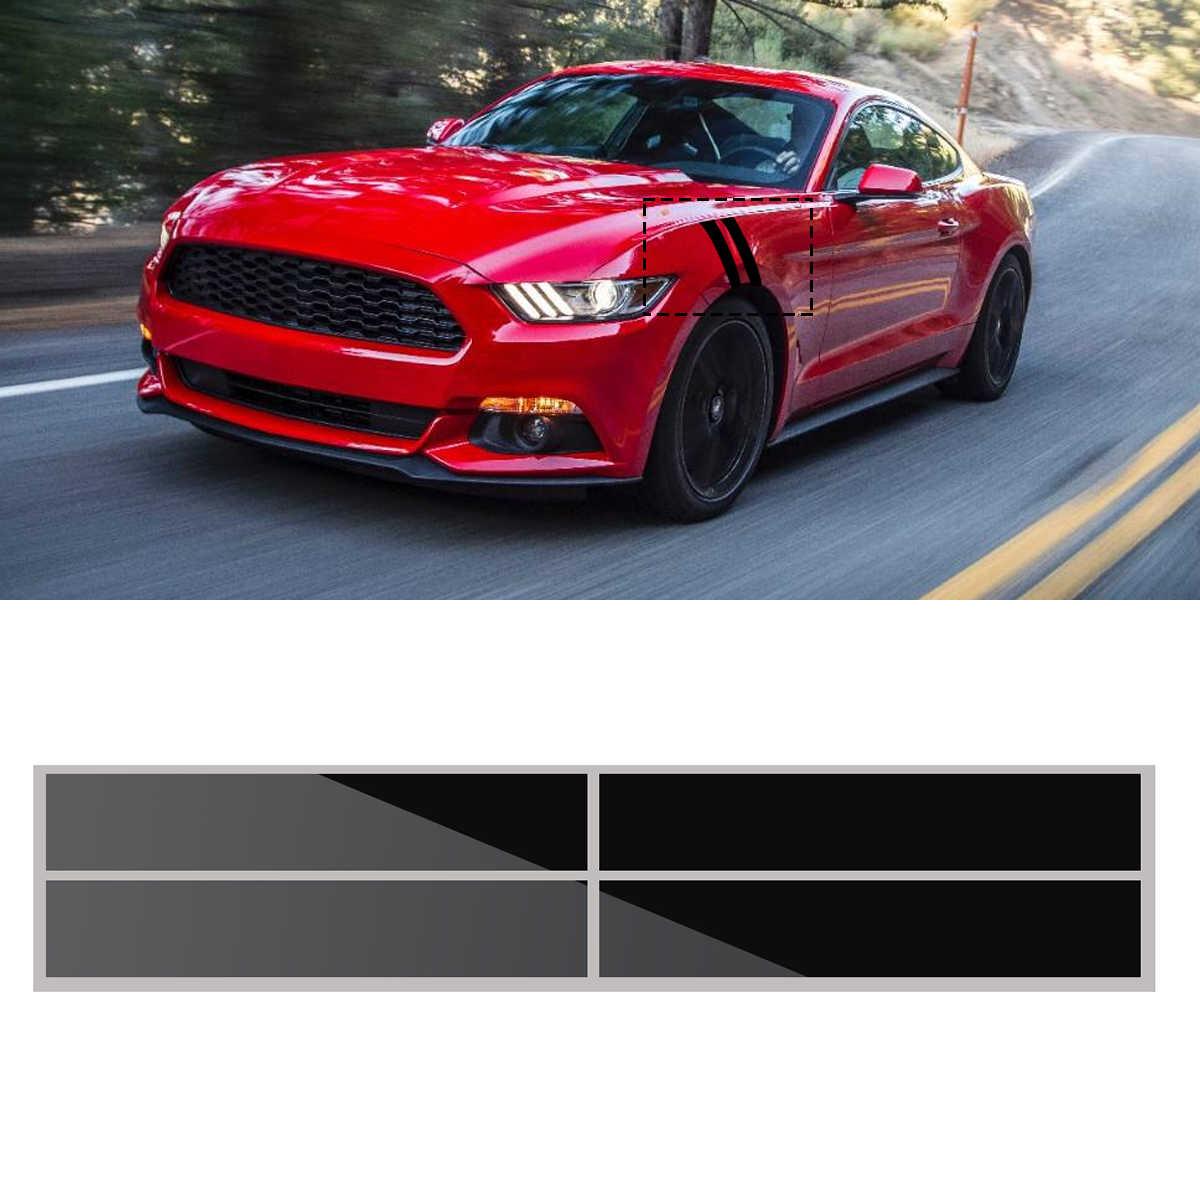 56x10 cm đối với Fender Băm Sọc Đề Can Graphise Vinyl Nhãn Dán Trang Trí Màu Đen cho Ford/Mustang 2015 2016